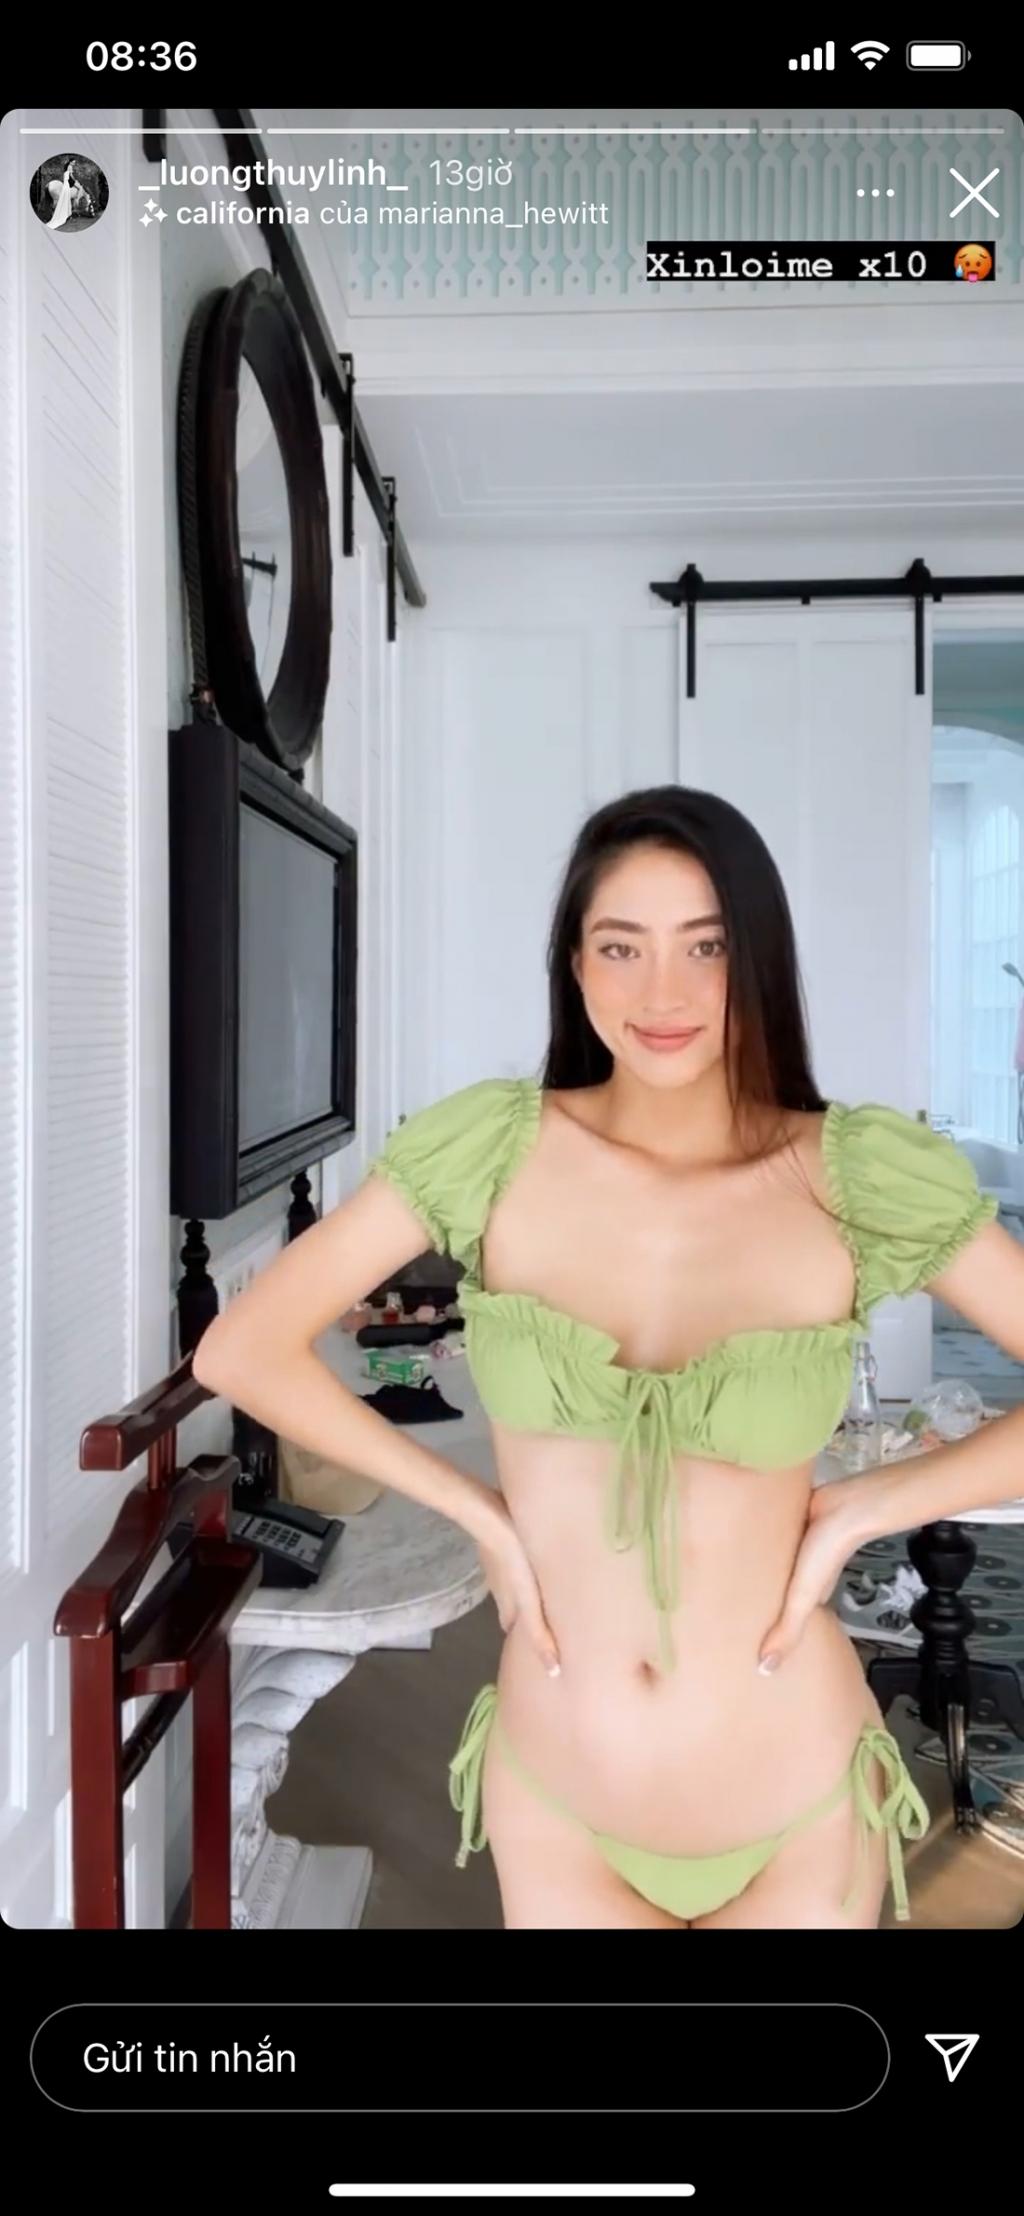 Hoa hậu Lương Thùy Linh biến hóa với style đi du lịch cực chất